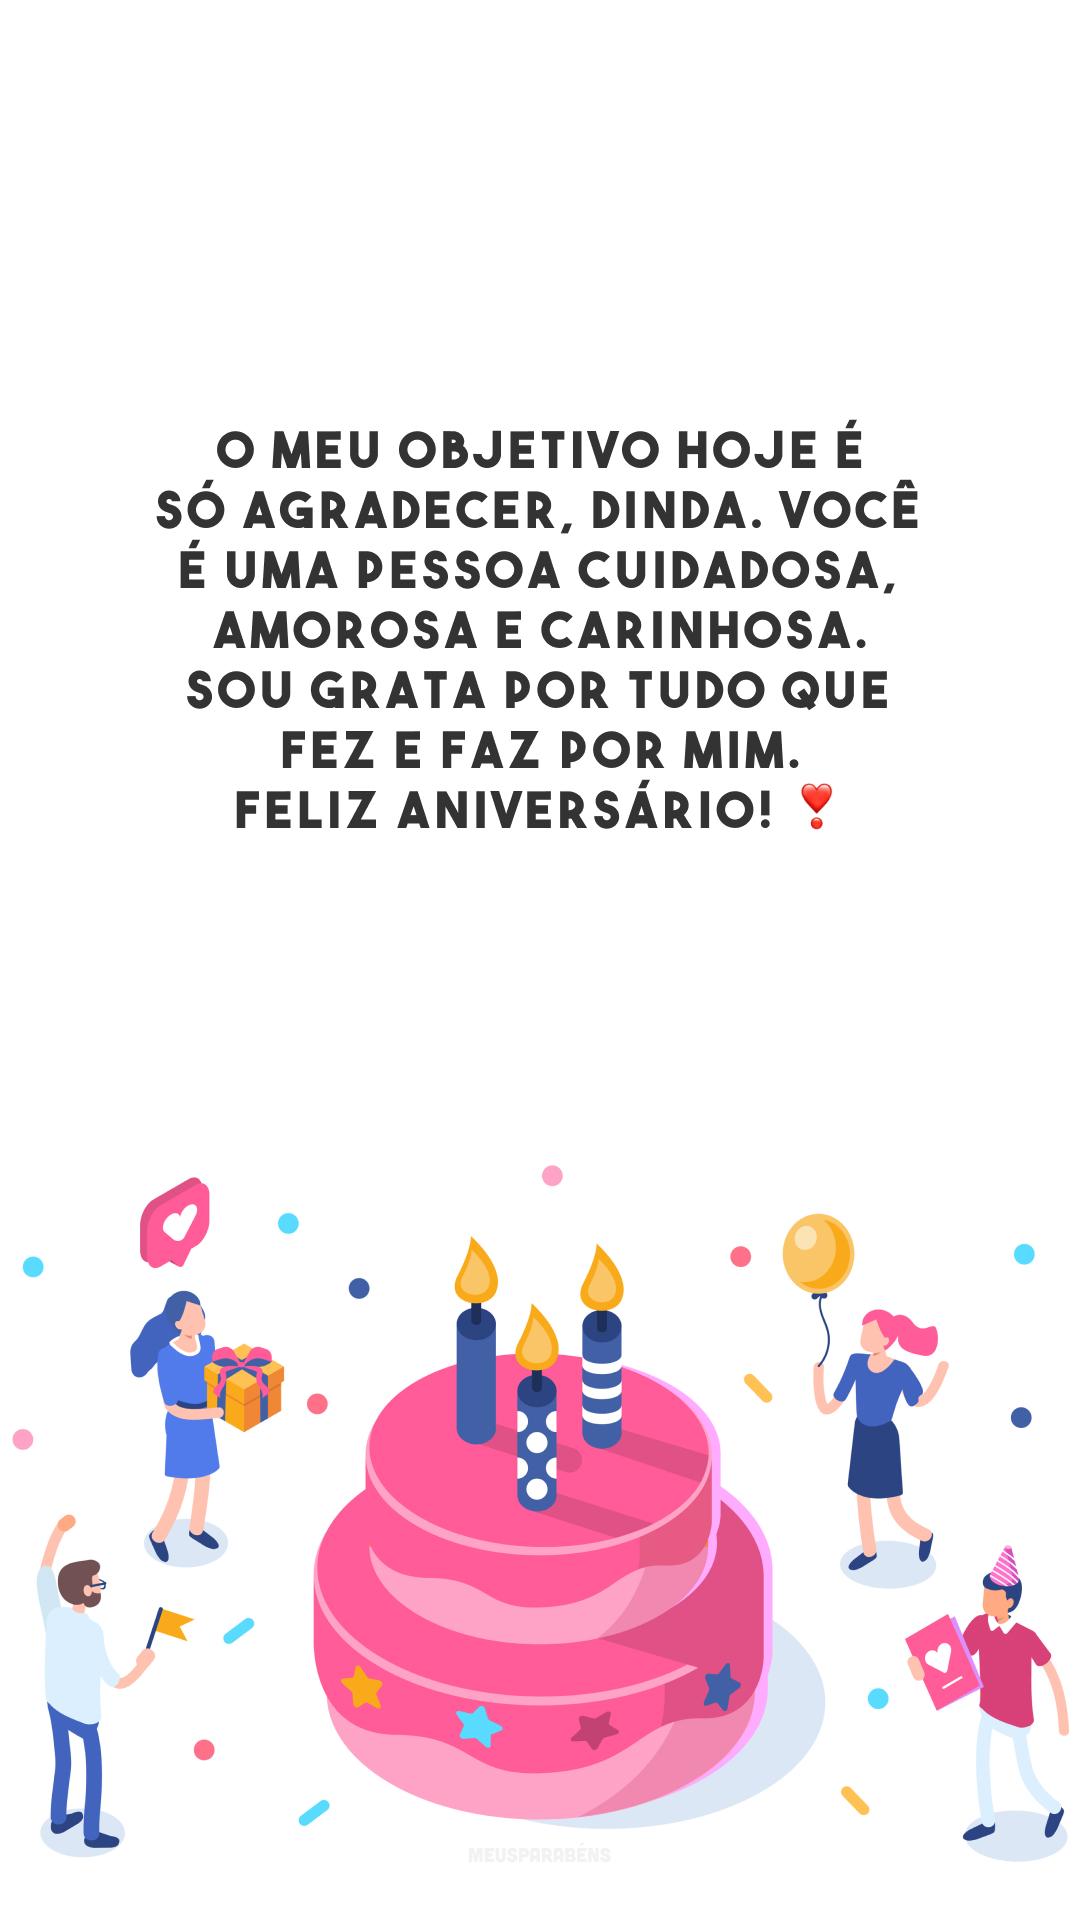 O meu objetivo hoje é só agradecer, dinda. Você é uma pessoa cuidadosa, amorosa e carinhosa. Sou grata por tudo que fez e faz por mim. Feliz aniversário! ❣️